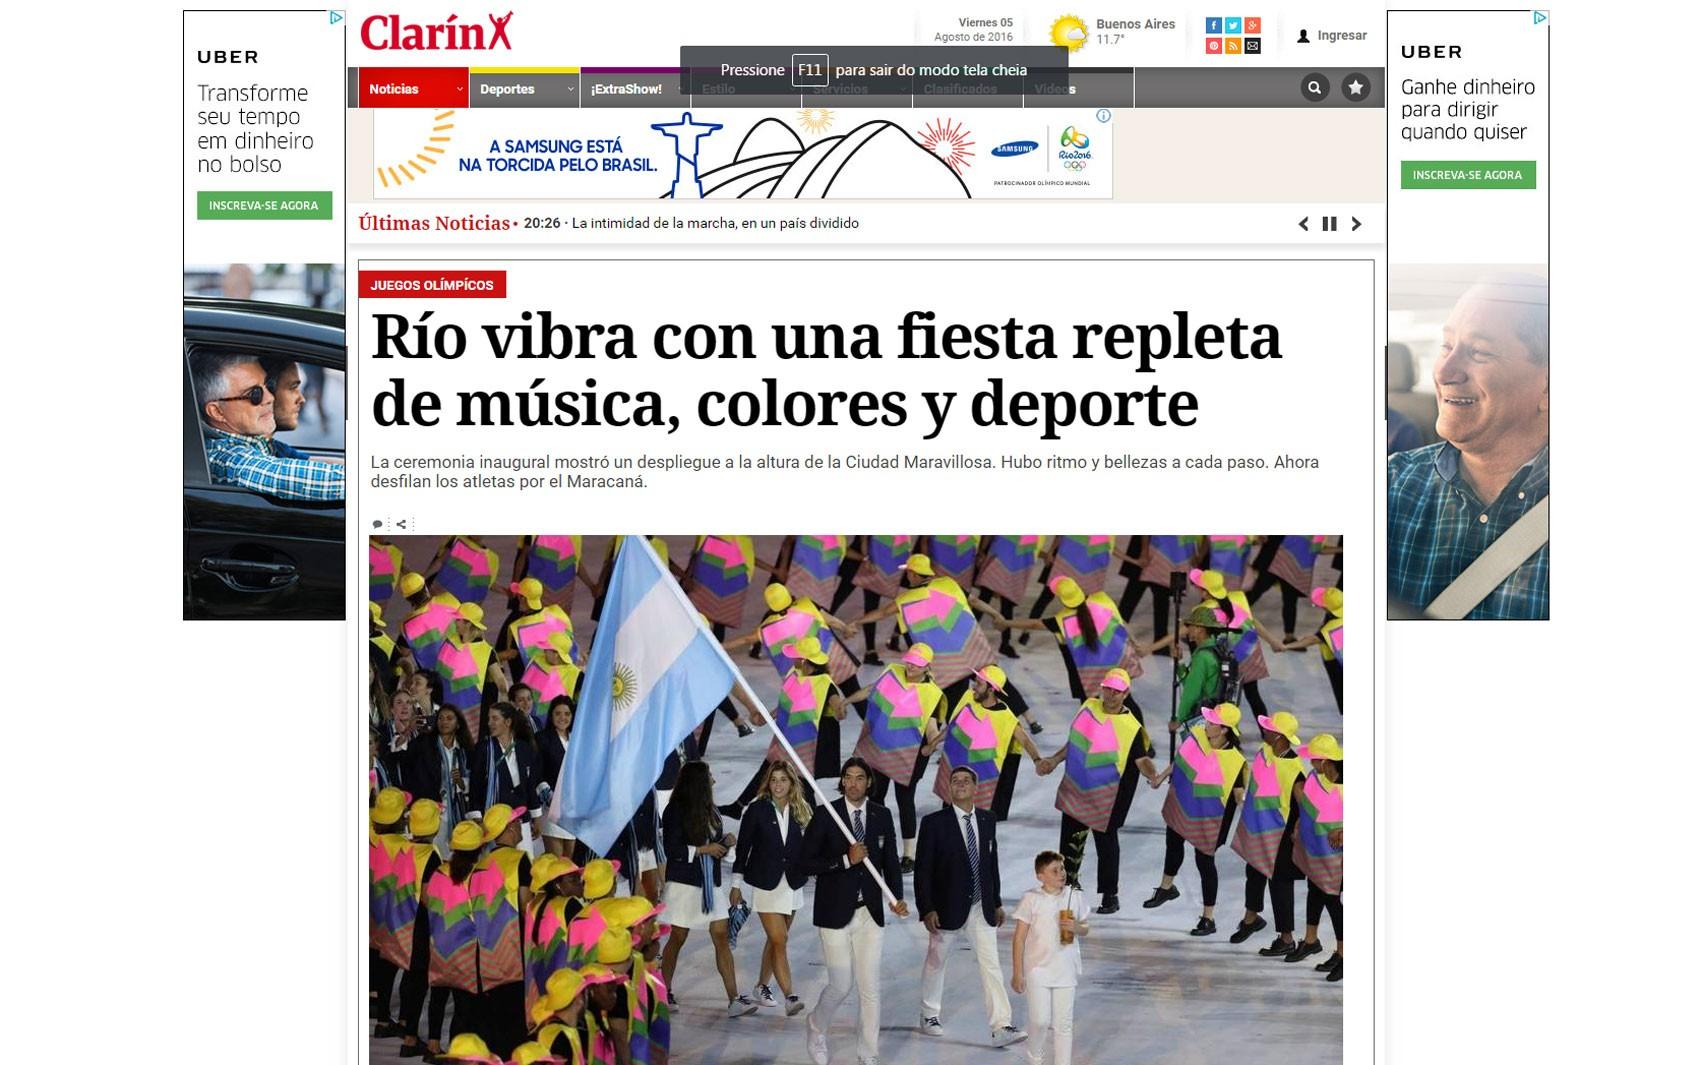 O argentino 'Clarín' elogiou a cerimônia de abertura da Olimpíada do Rio e a cidade anfitriã